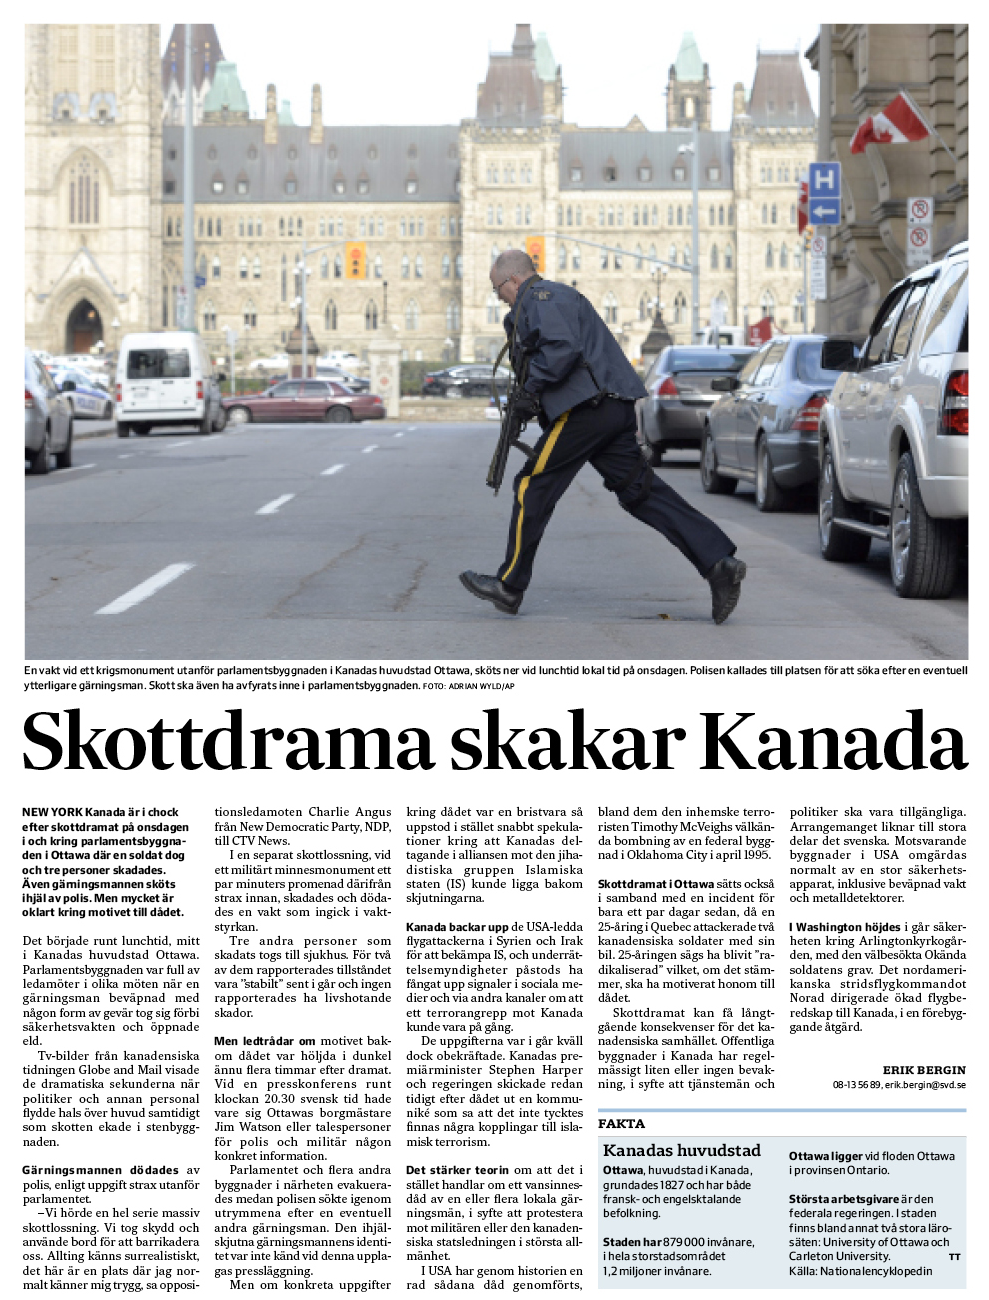 Rapporten om skottdramat i Ottawa i torsdagens SvD.